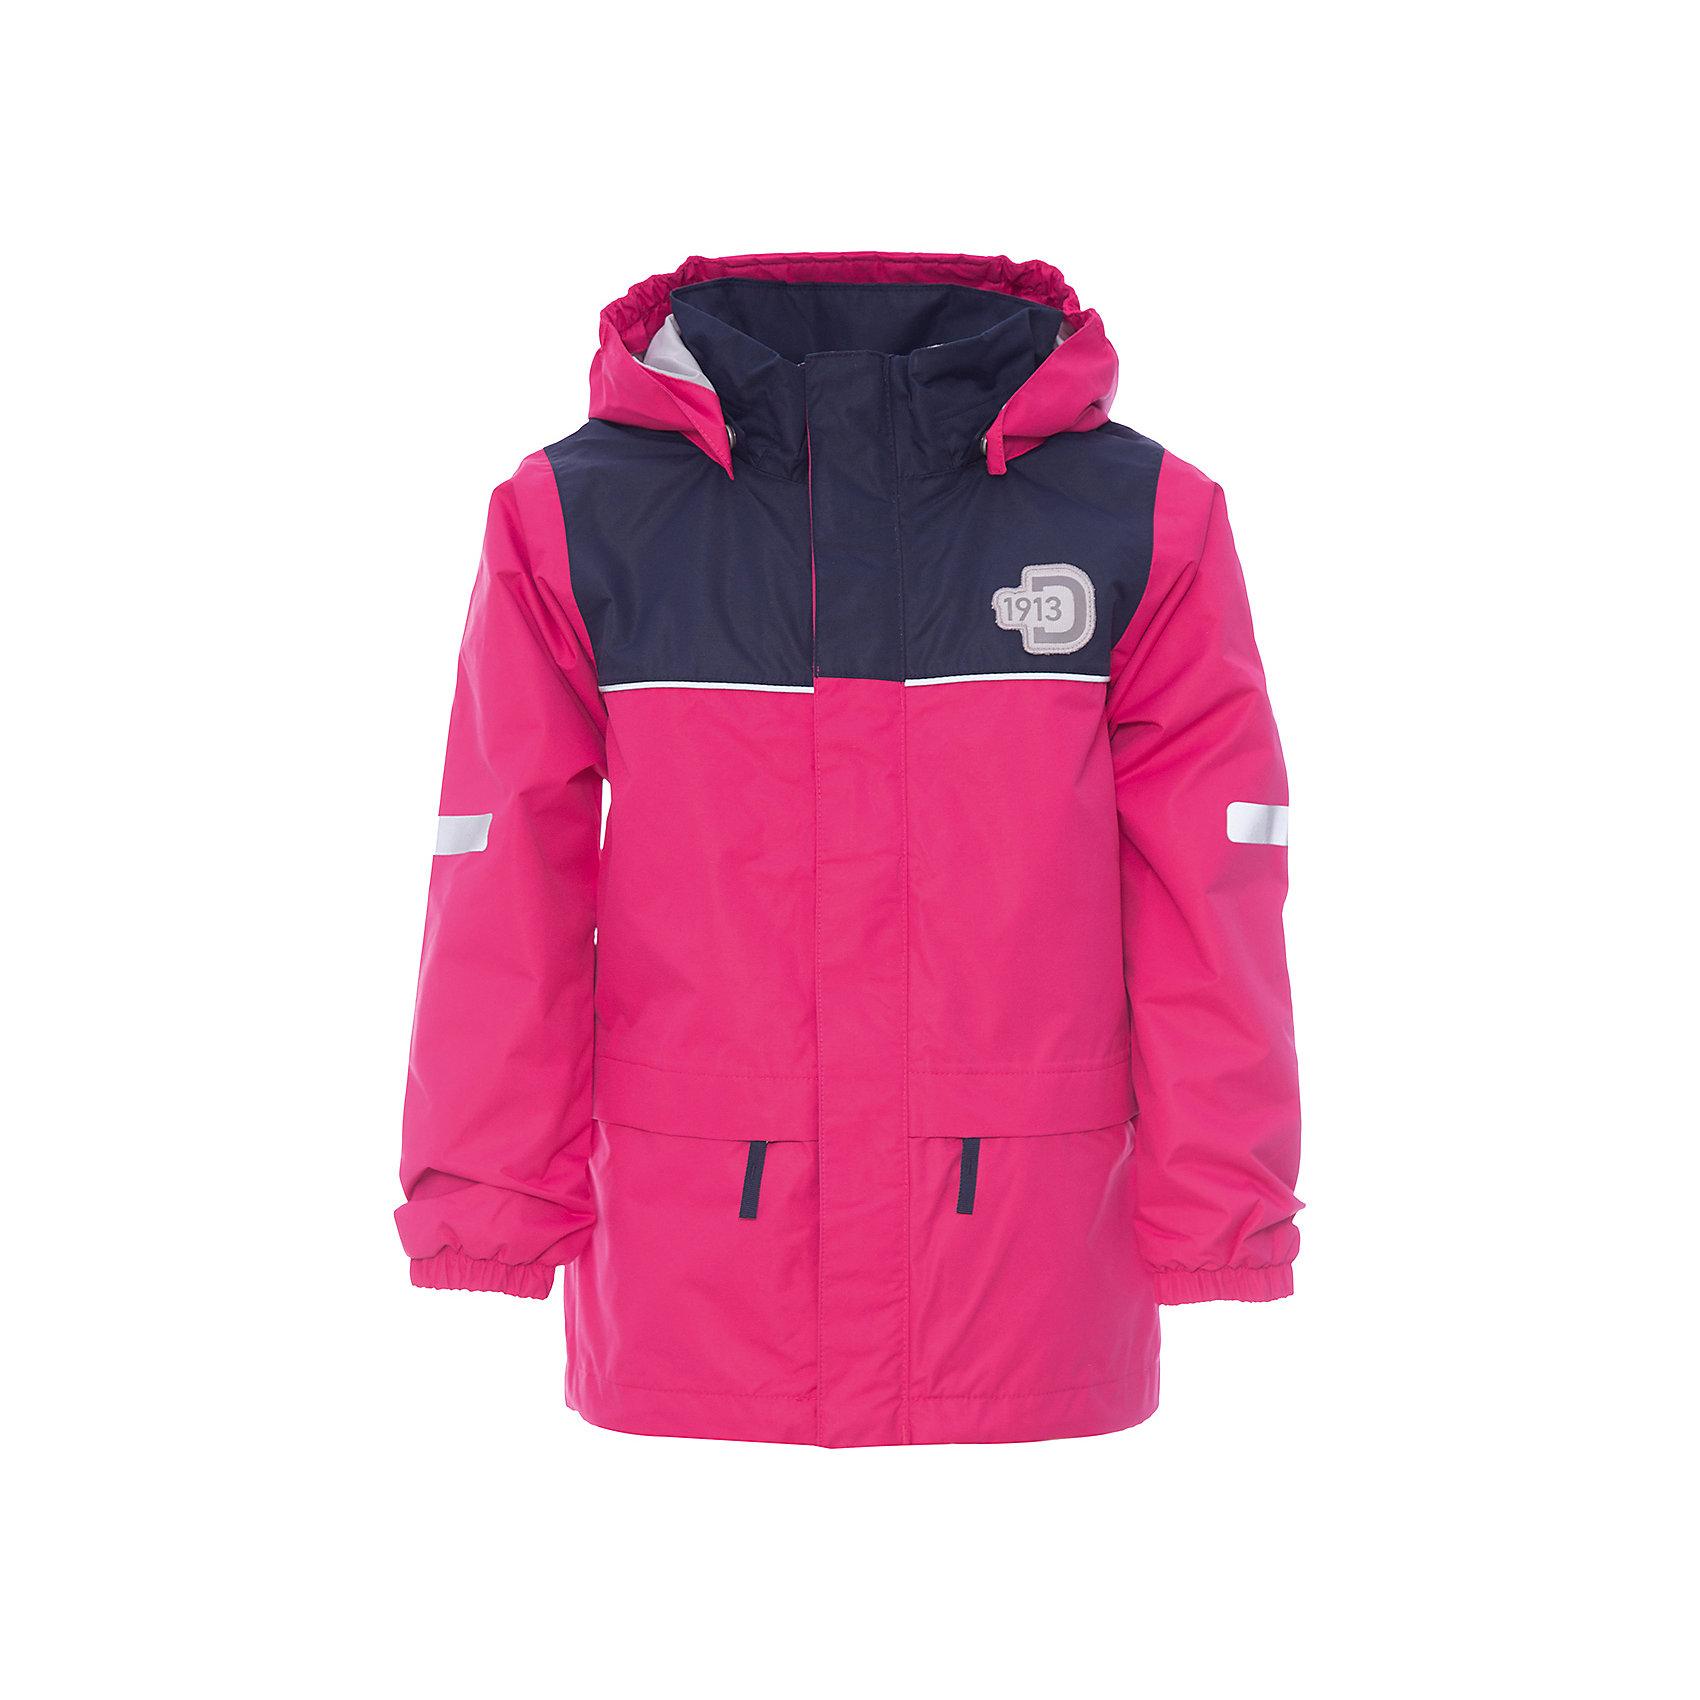 Куртка JEZERI для девочки DIDRIKSONSВерхняя одежда<br>Характеристики товара:<br><br>• цвет: розовый<br>• материал: 100% полиэстер, покрытие 100% полиуретан<br>• подкладка: 100% полиэстер, трикотаж<br>• утеплитель: нет<br>• температурный режим: от +5°С до +20°С<br>• сезон: демисезон<br>• мембранная<br>• водонепроницаемость: 5000 мм<br>• воздухопроницаемость: 4000 мм<br>• ветронепродуваемая<br>• дышащя ткань<br>• проклеенные швы <br>• планка на молнии<br>• застежка: молния<br>• капюшон отстегивается с помощью кнопок<br>• защита подбородка от защемления<br>• карманы на молнии<br>• манжеты на резинке<br>• система увеличения размера<br>• утяжка по подолу с фиксатором<br>• легкий уход <br>• страна бренда: Швеция<br>• страна производства: Китай<br><br>Демисезонная куртка из непромокаемой и непродуваемой мембранной ткани. Все швы проклеены, что обеспечивает максимальную защиту от внешней влаги. Подкладка из полиэстера. Съемный регулируемый капюшон. Рукава -  на резинке. Светоотражатели. Модель растет вместе с ребенком: уникальный крой изделия позволяет при необходимости увеличить длину рукавов на один размер, распустив специальный внутренний шов. <br><br>Куртку JEZERI для девочки от бренда DIDRIKSONS (Дидриксонс) можно купить в нашем интернет-магазине.<br><br>Ширина мм: 356<br>Глубина мм: 10<br>Высота мм: 245<br>Вес г: 519<br>Цвет: розовый<br>Возраст от месяцев: 36<br>Возраст до месяцев: 48<br>Пол: Женский<br>Возраст: Детский<br>Размер: 100,80,130,120,110,140,90<br>SKU: 5527221